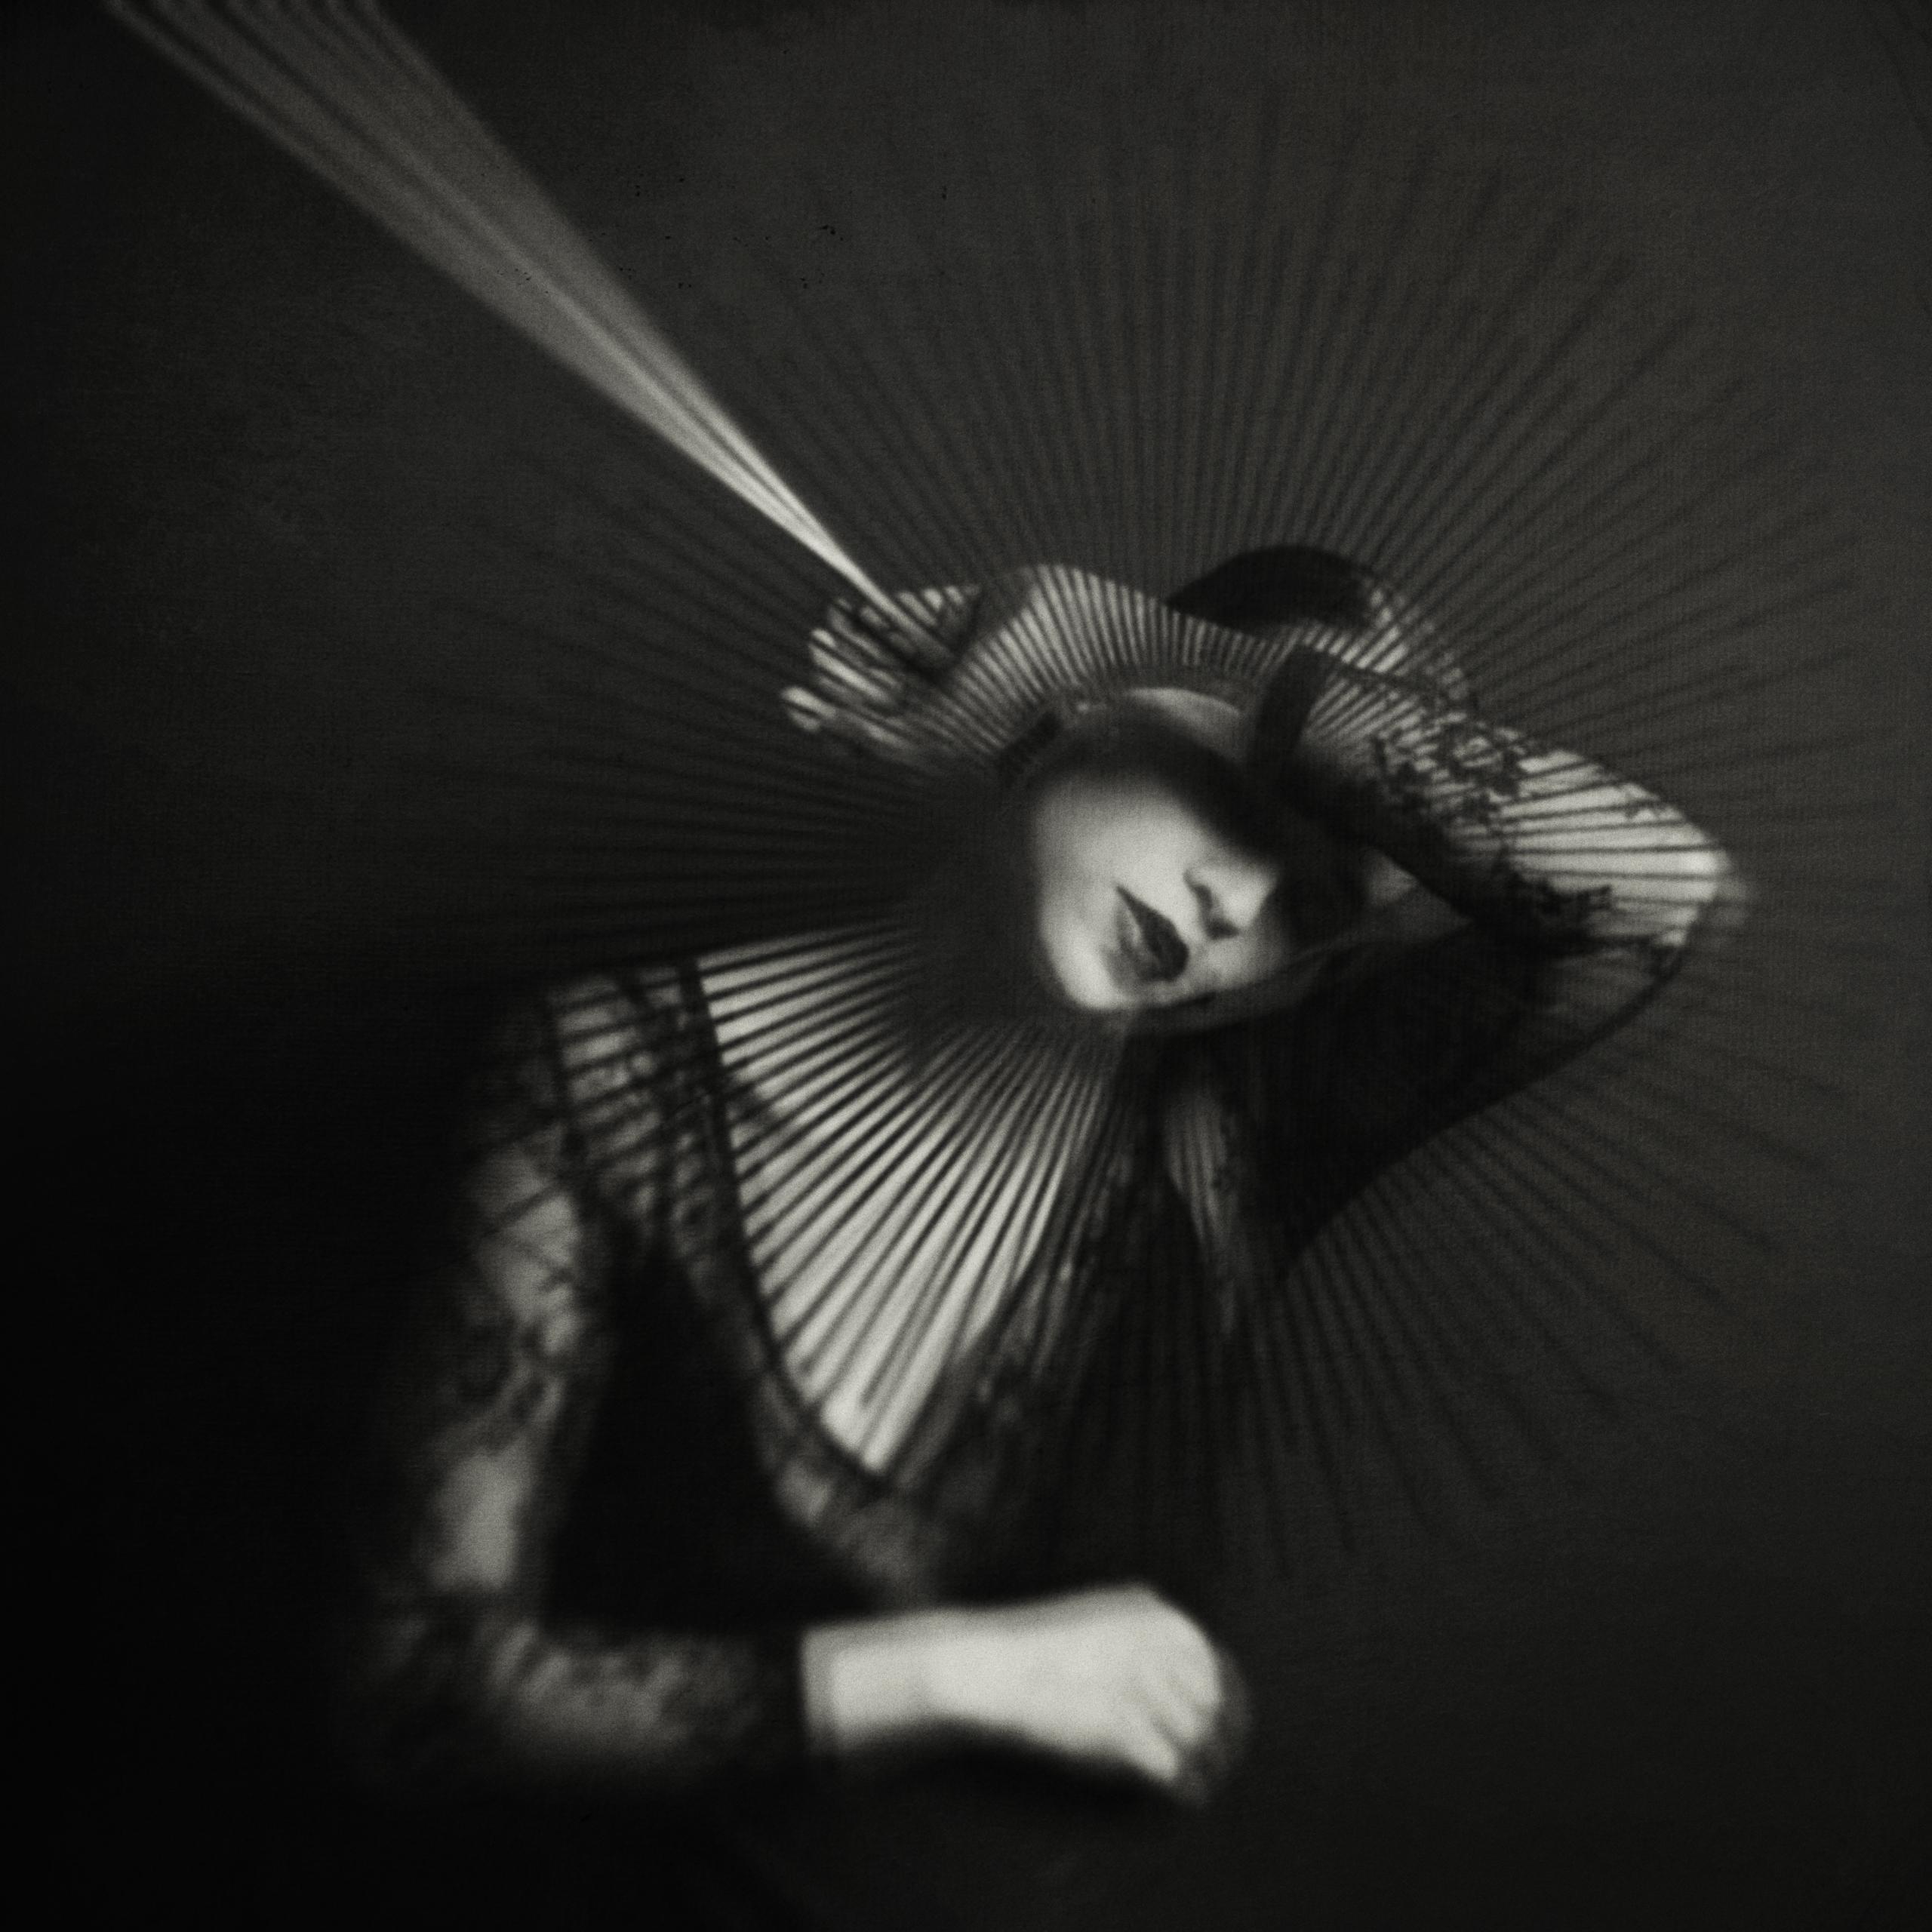 broken person. cracks deep run - cardinphotography | ello